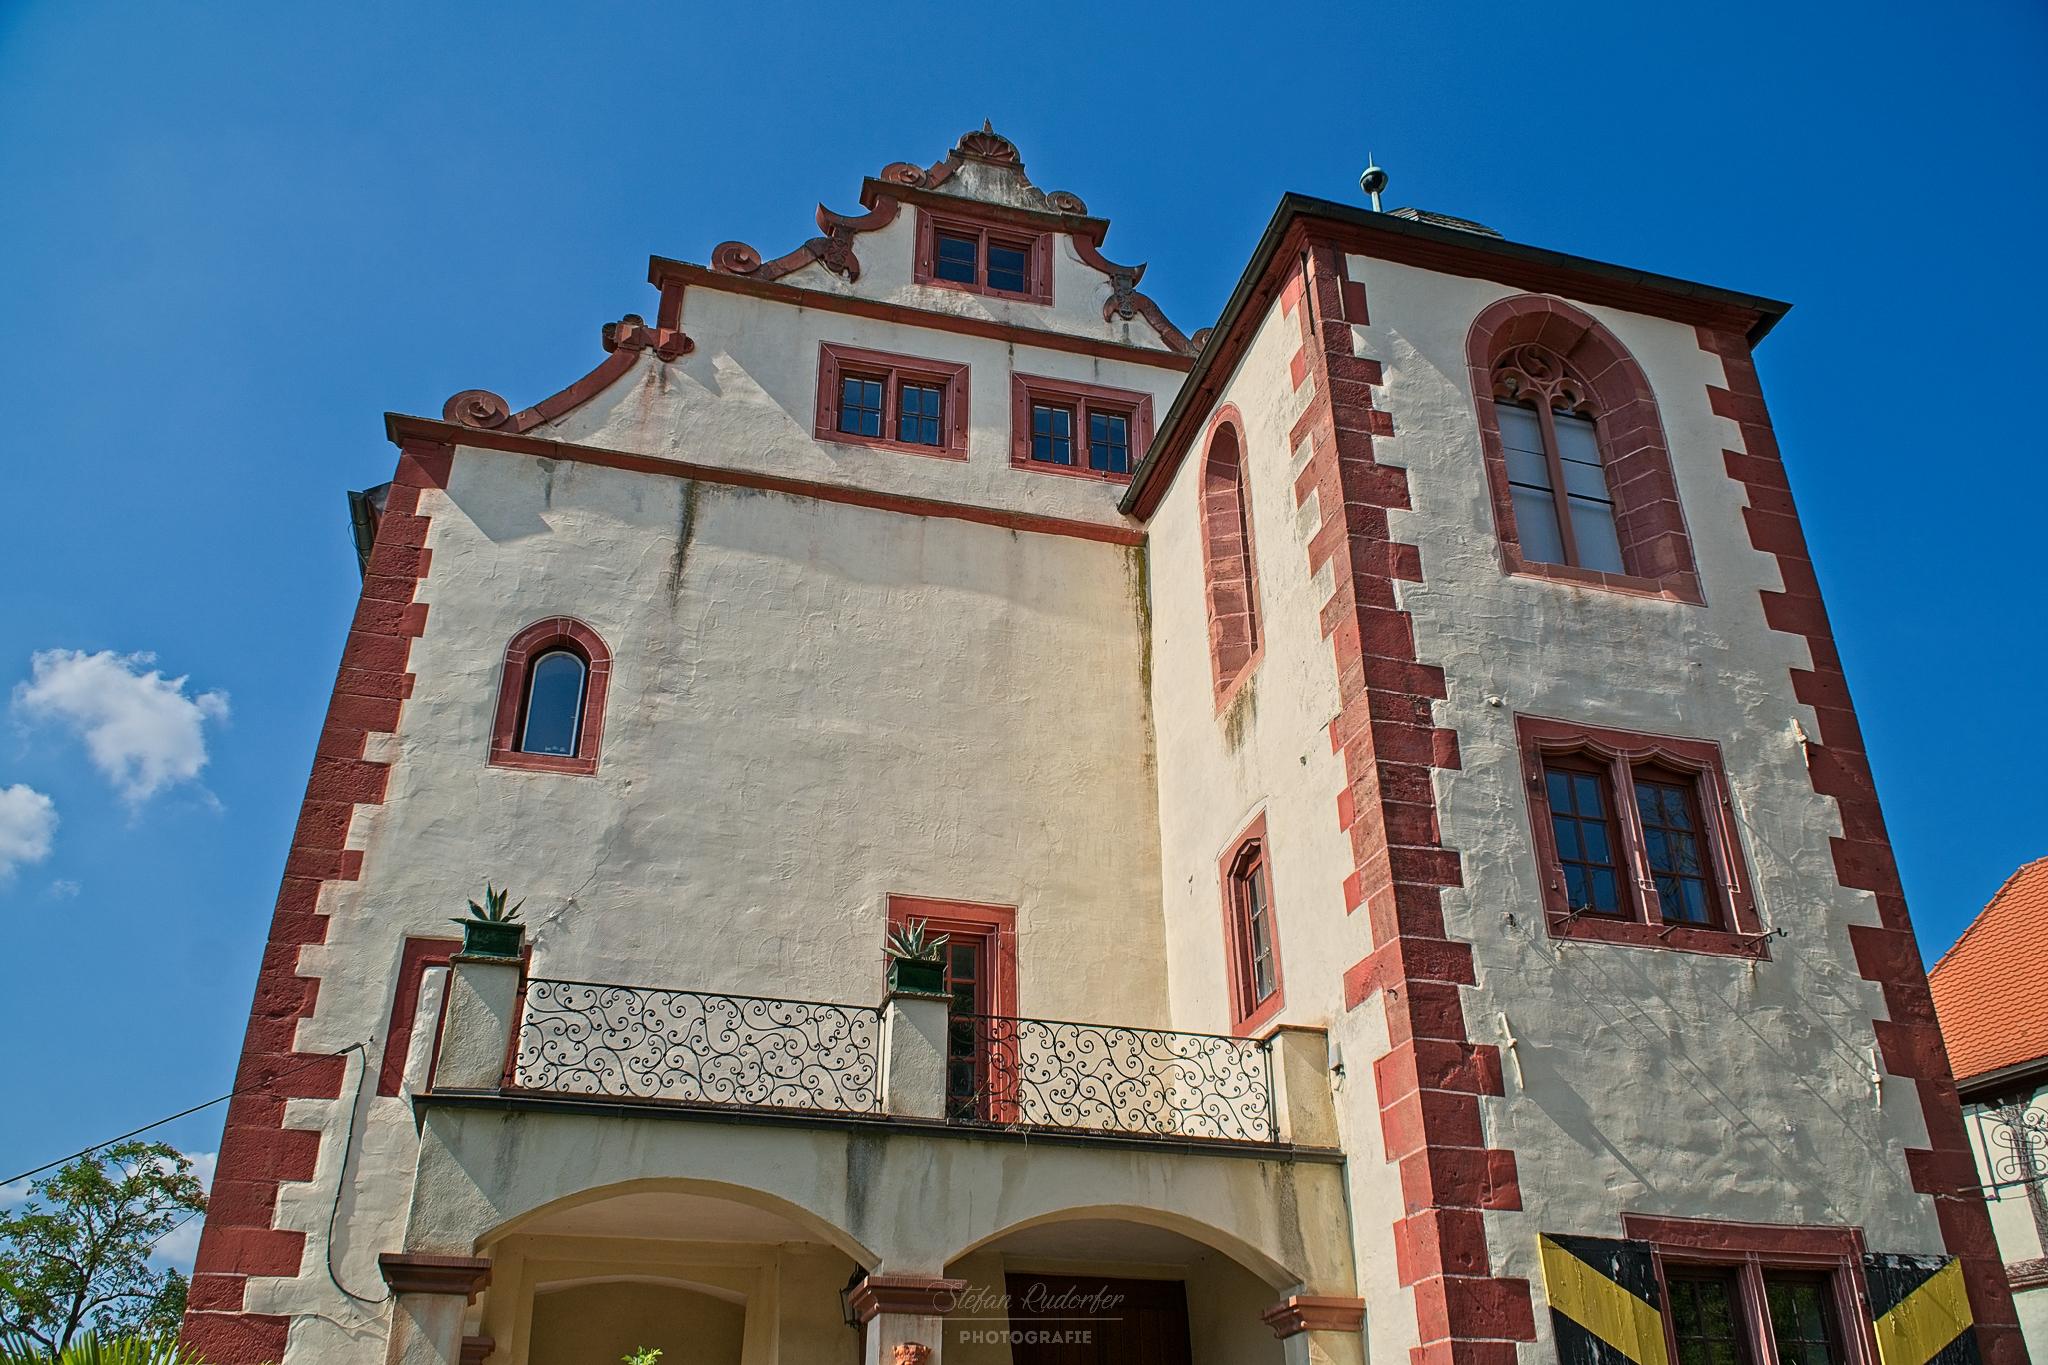 Seitenansicht der Burg